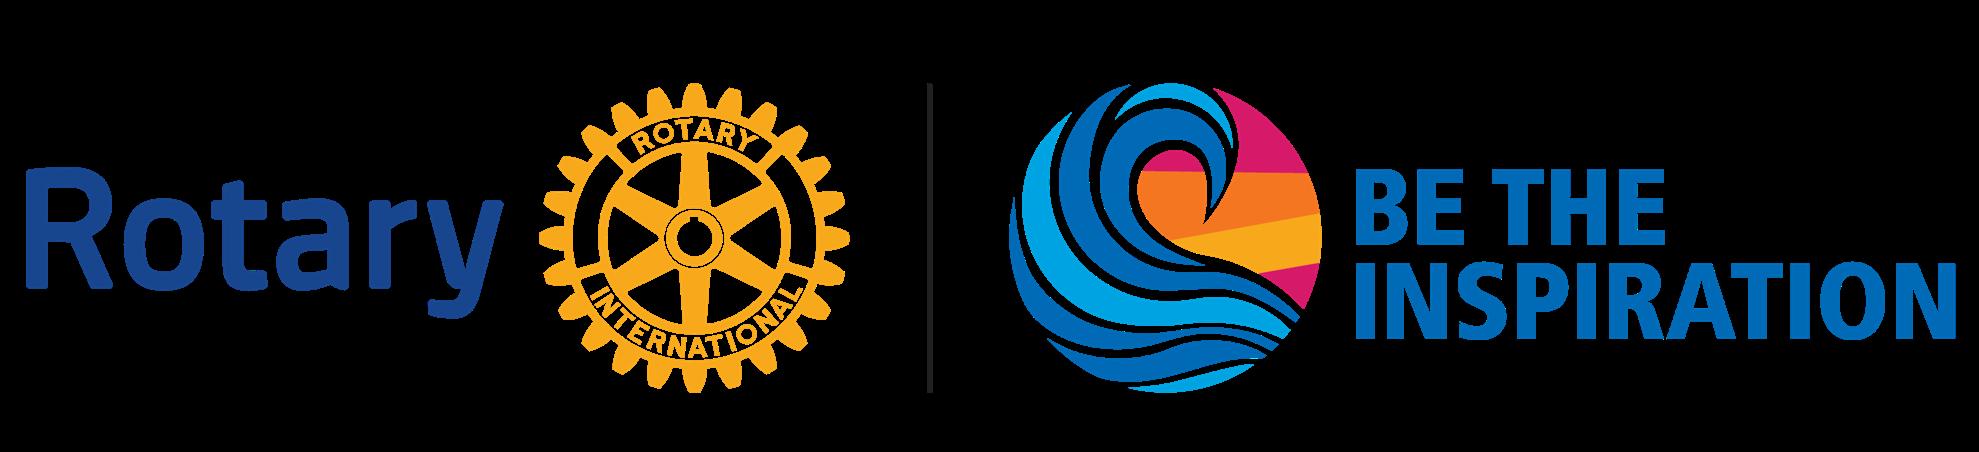 program international assembly 2018 19 theme address Rotary Interact Projects Rotary Interact Emblem